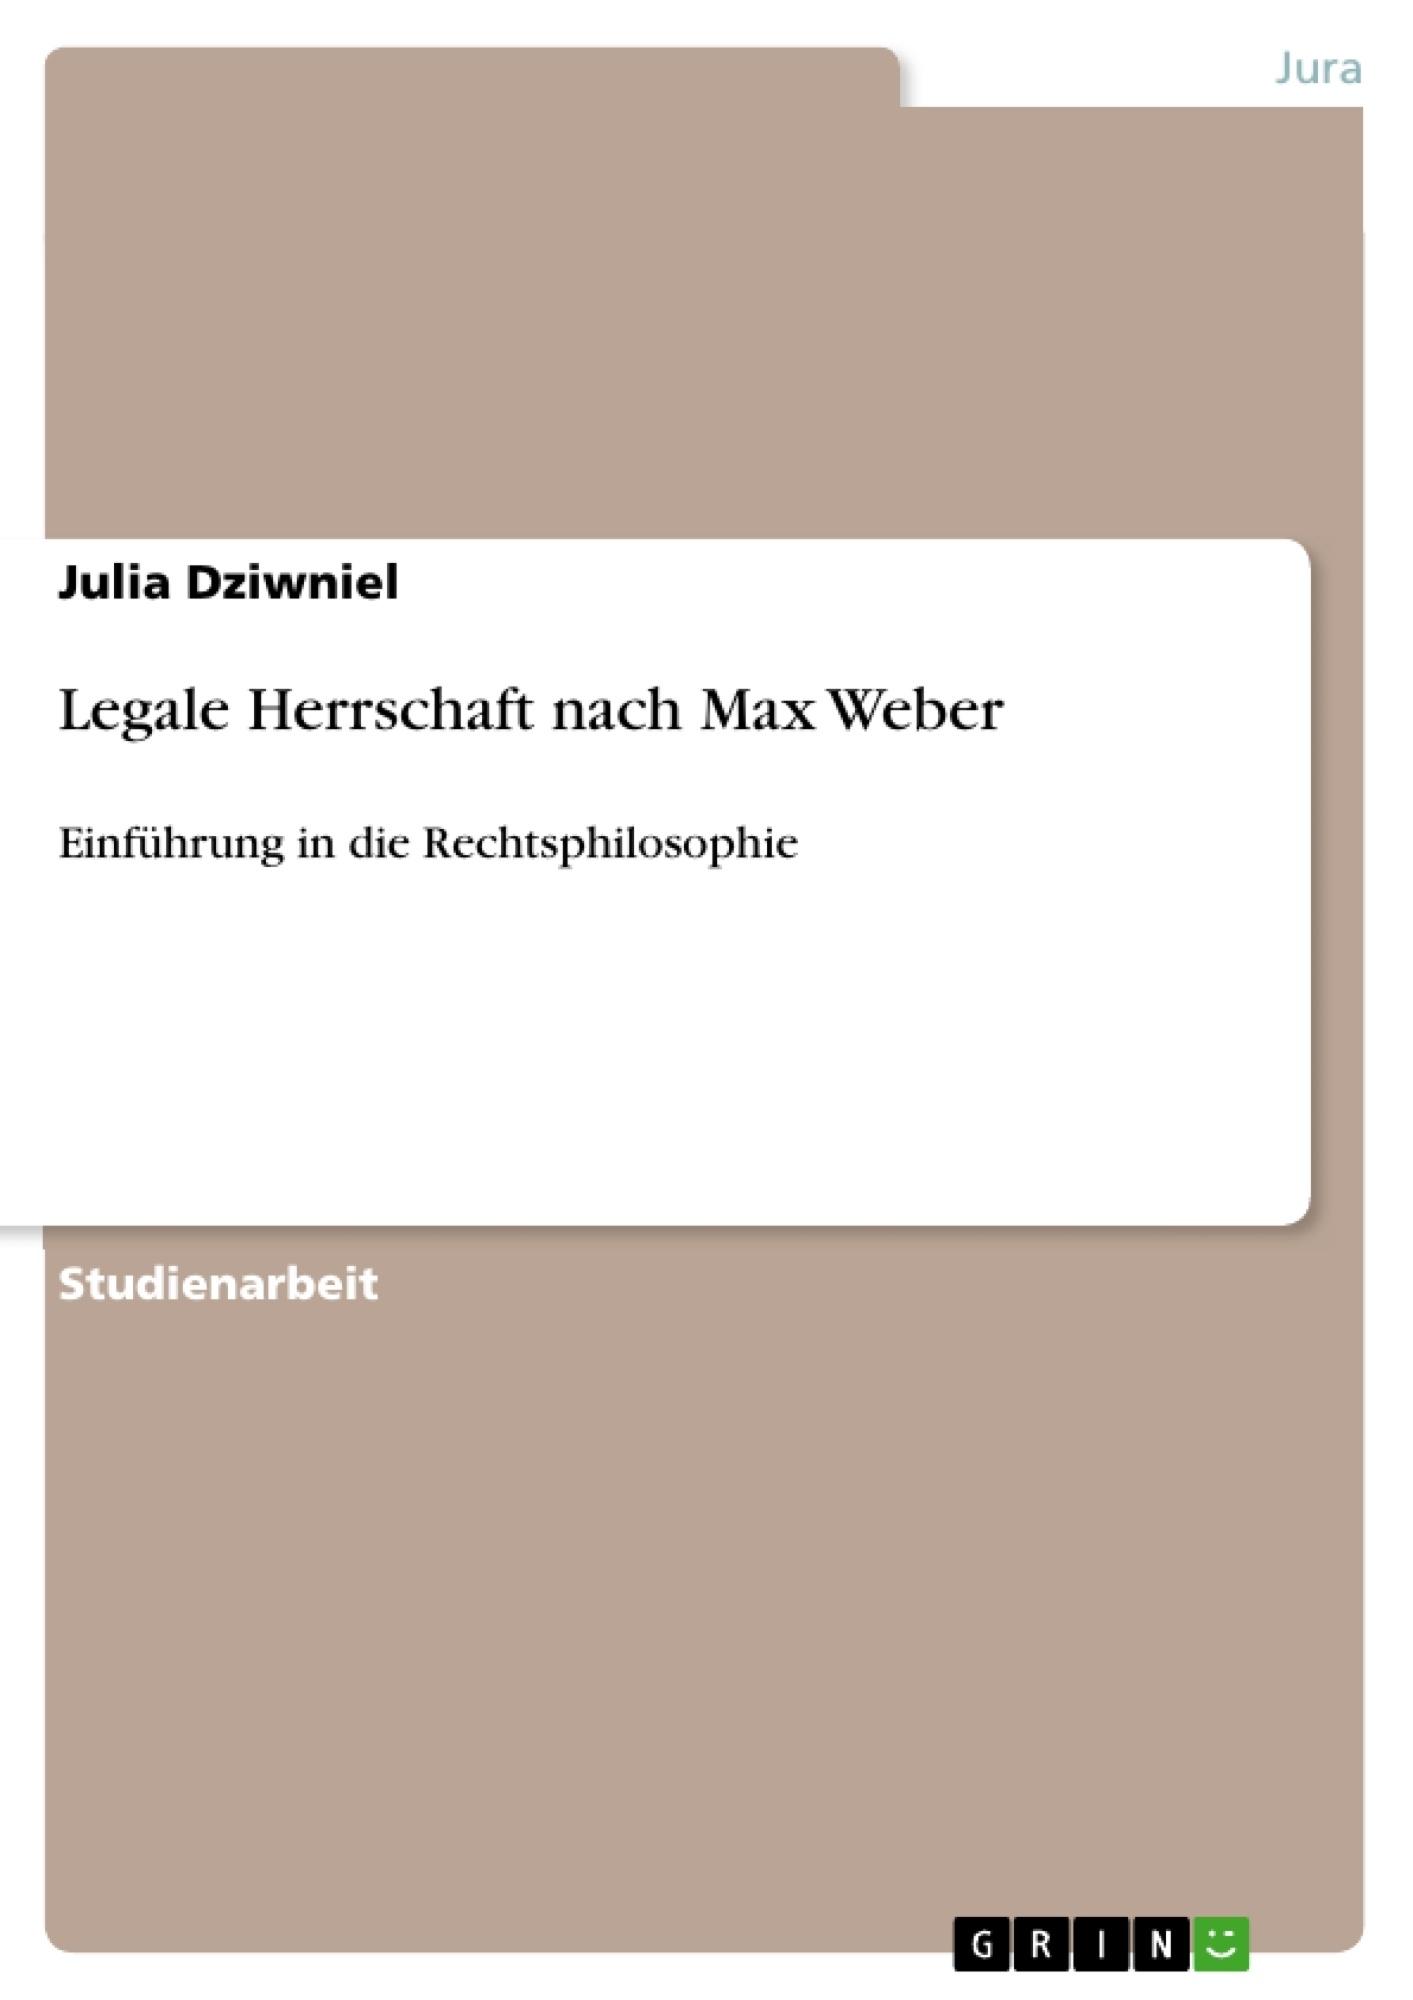 Titel: Legale Herrschaft nach Max Weber